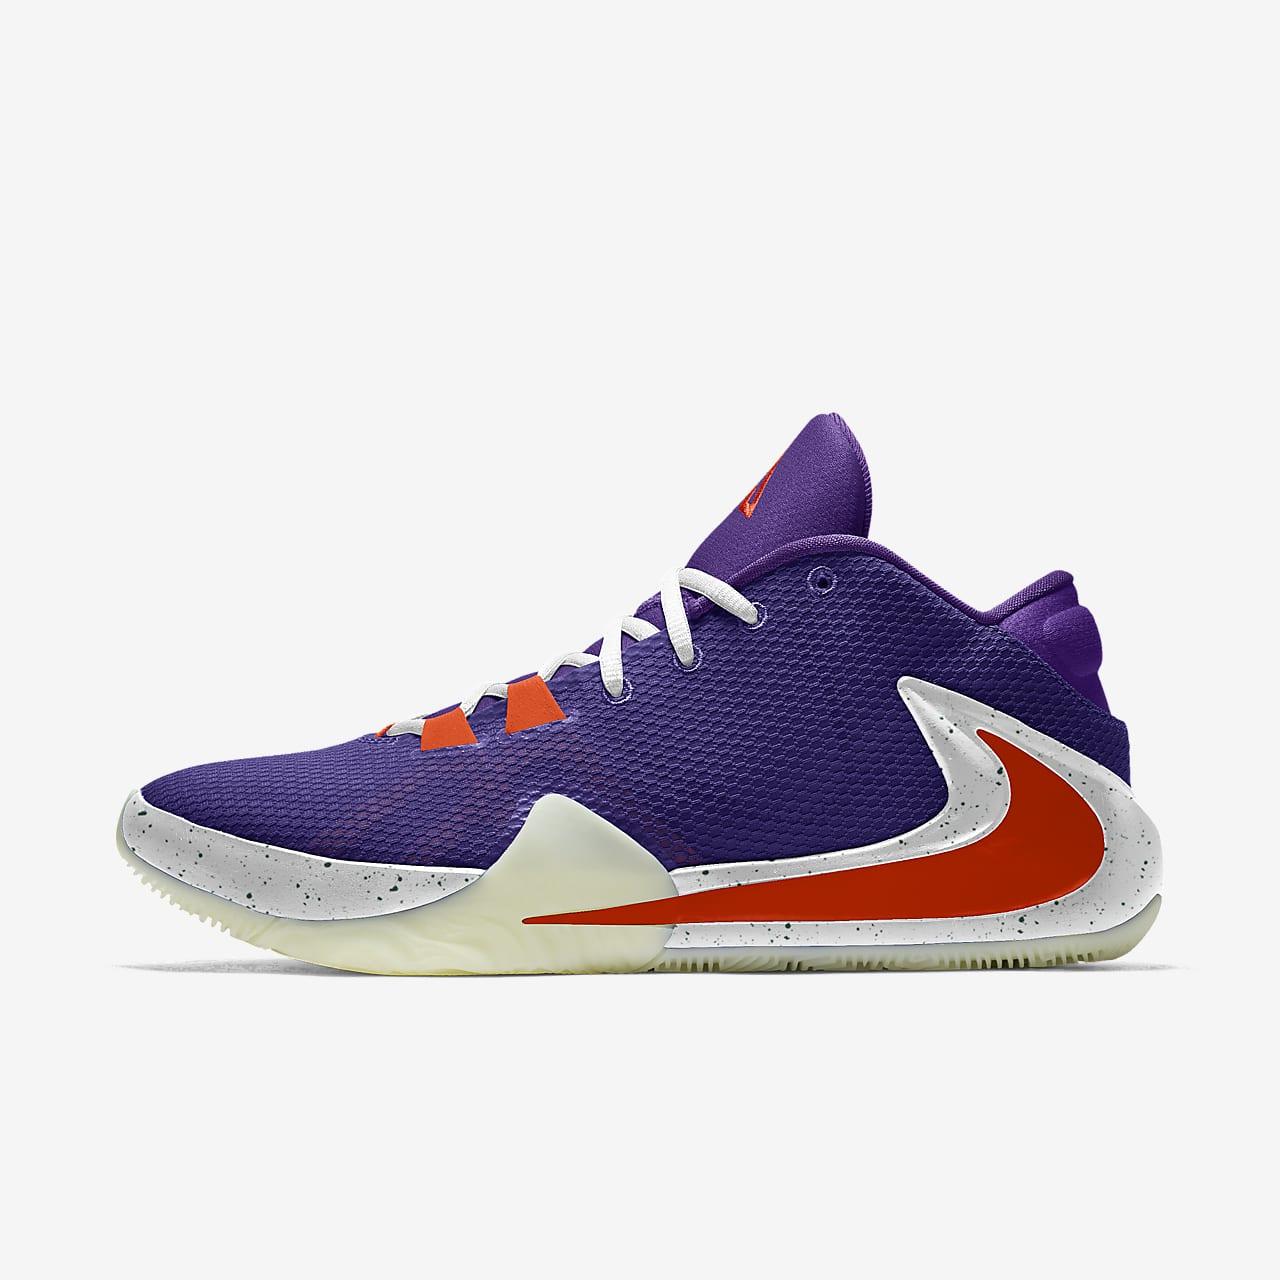 Calzado de básquetbol personalizado Nike Zoom Freak 1 By You